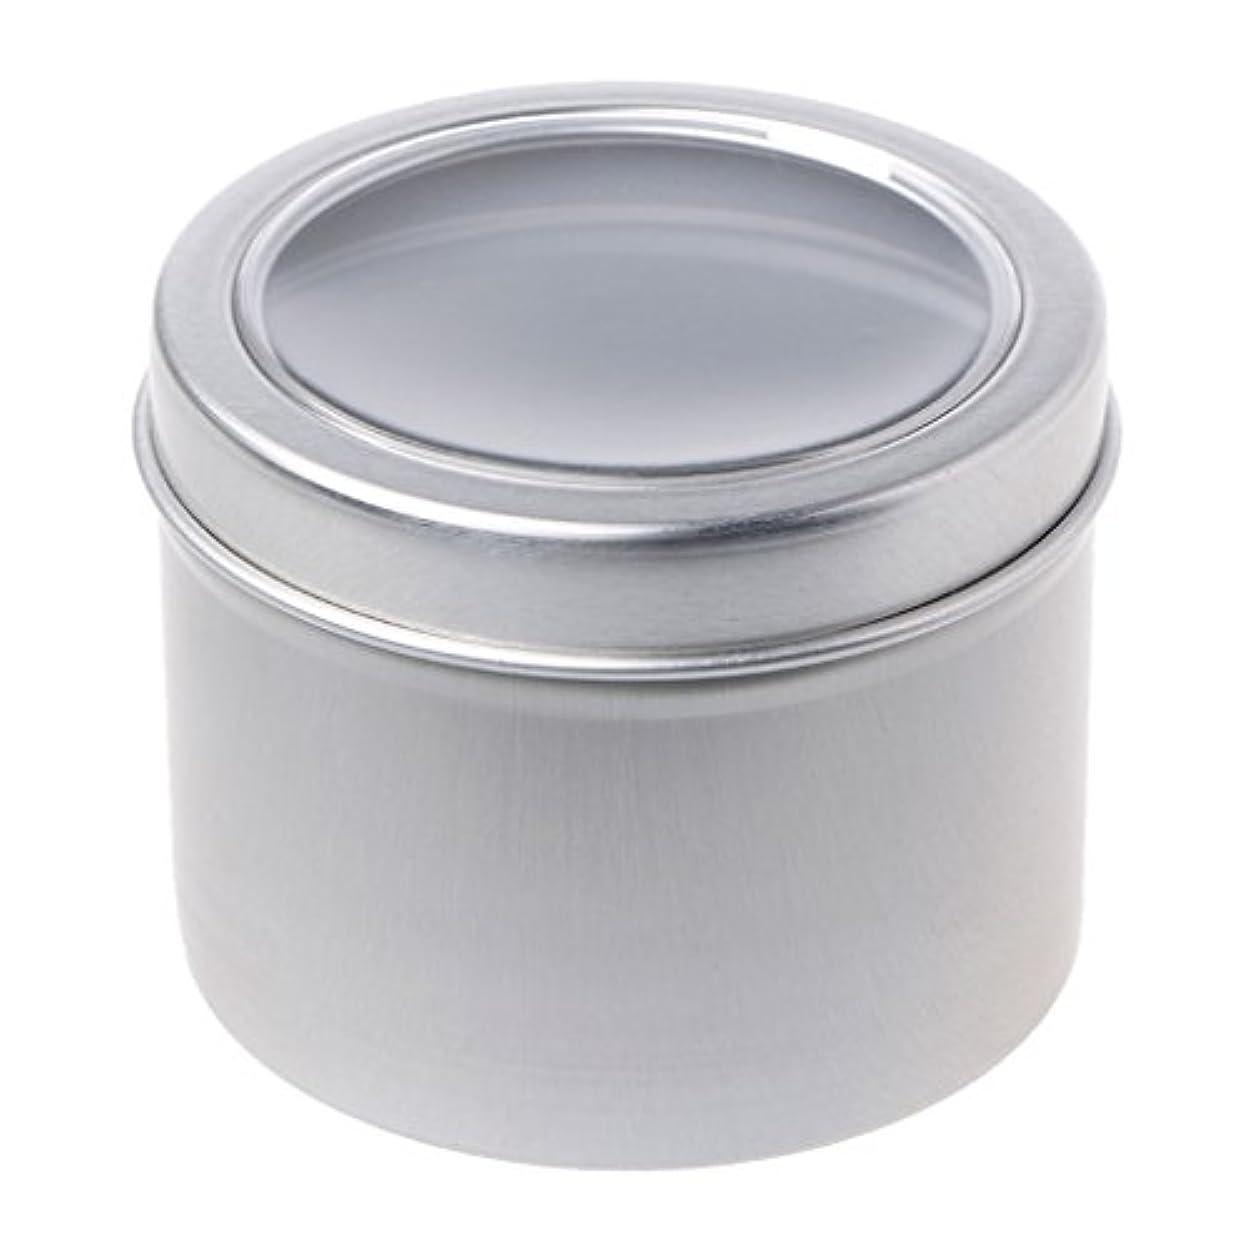 マーティンルーサーキングジュニアうがいうまれたSimpleLife 60mlラウンドスティンケースコンテナ、蓋が空のクリアウィンドウスイング、蓋付き、スモールガジェット、DIYリップバーム - スパイスケース、アルミ容器ボックス/ミニポケットサイズの缶